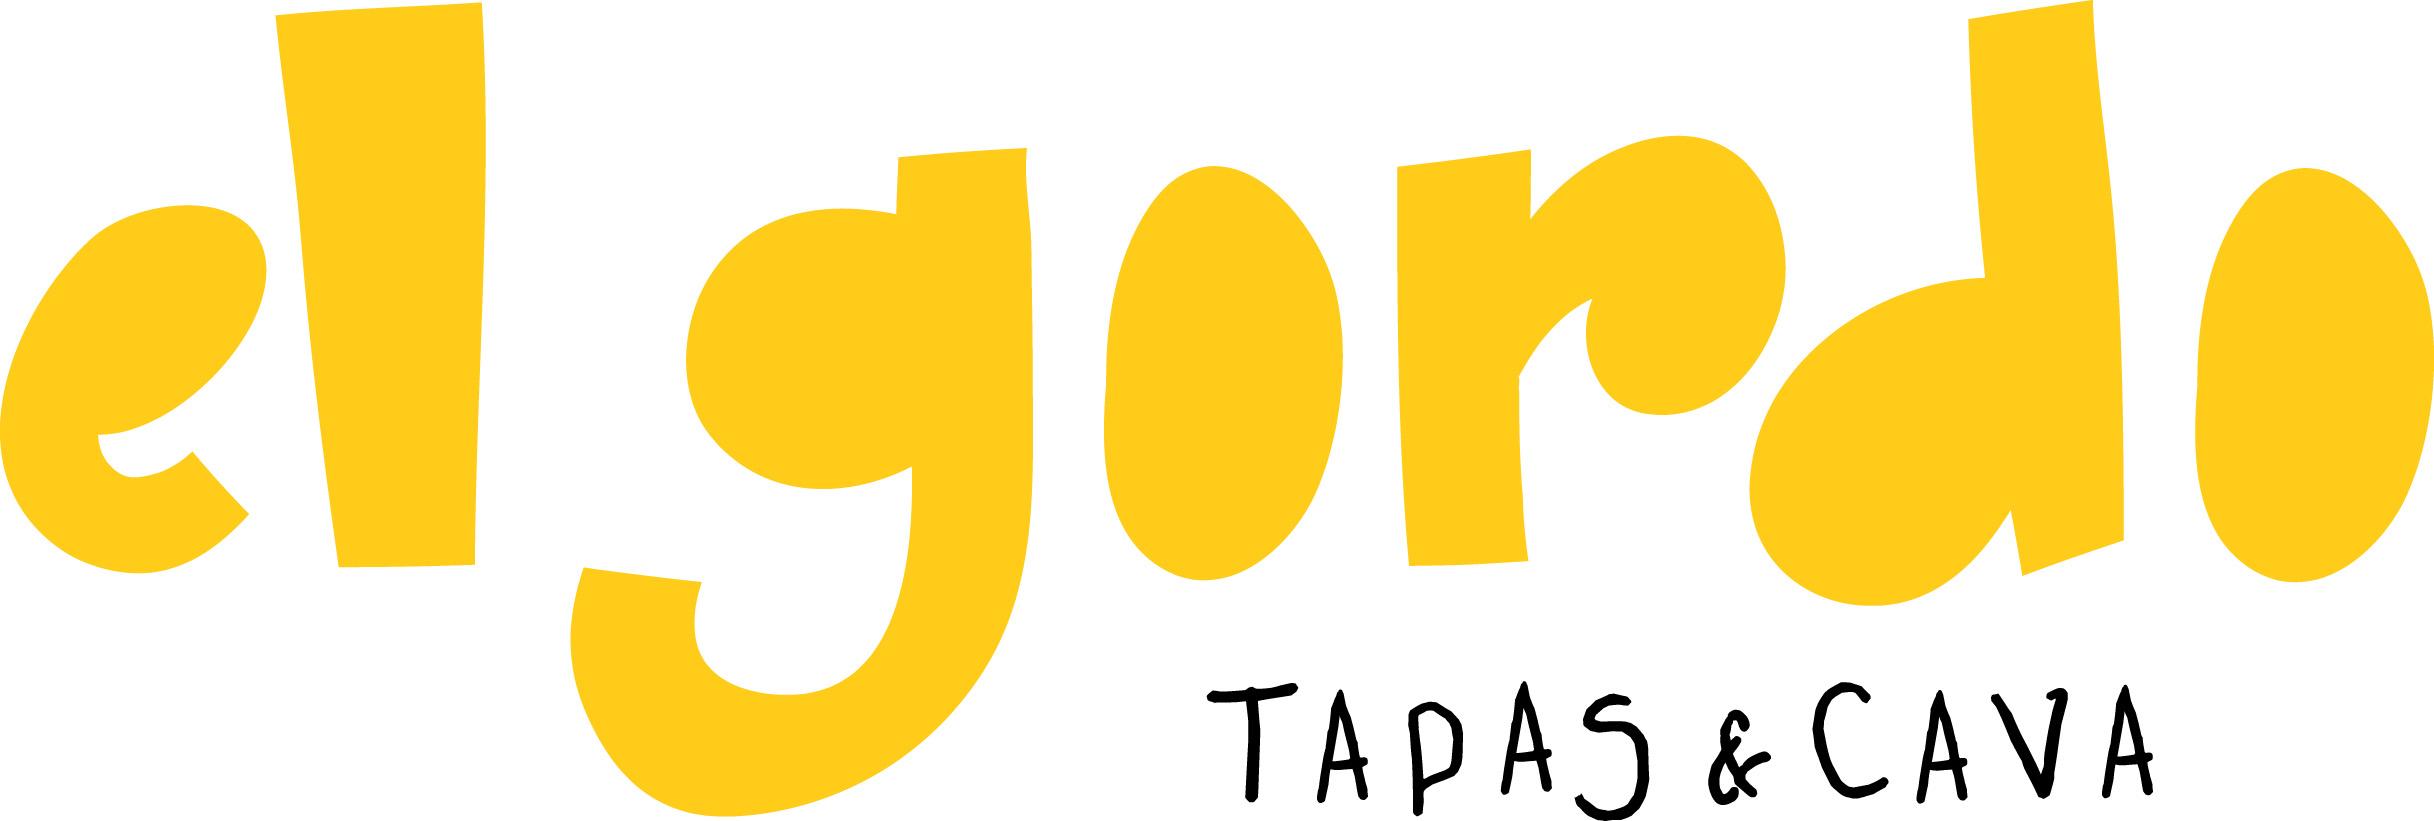 El Gordo_logga_gul_sv